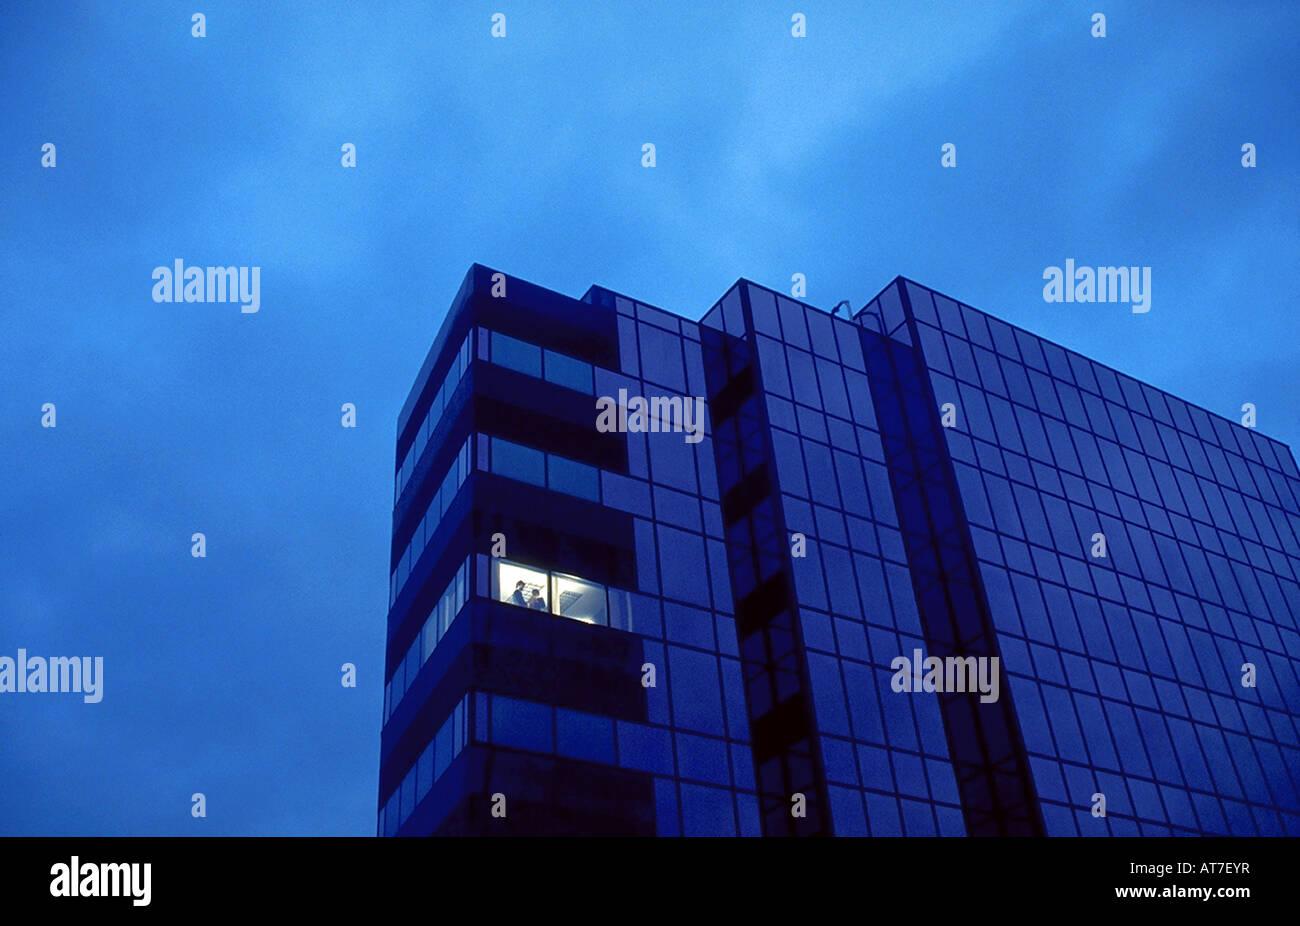 Die Fassade eines Gebäudes in der Nacht mit einem einzigen Eckbüro Licht auf Stockfoto